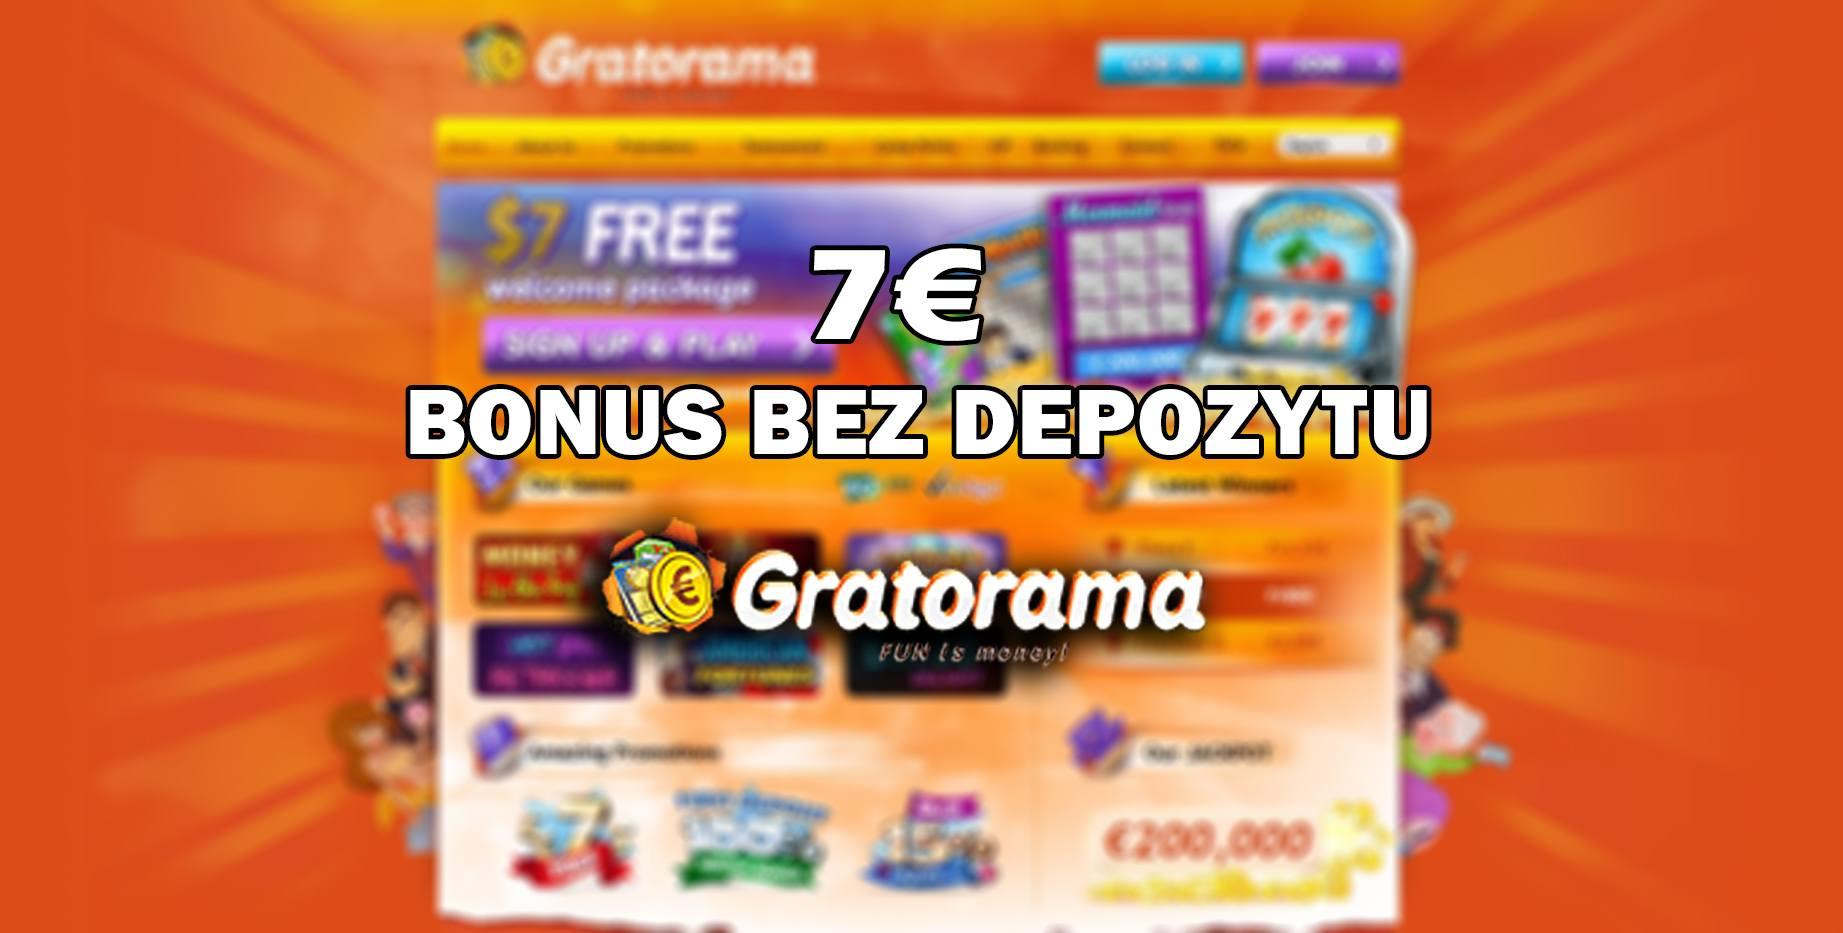 Bonus bez depozytu w kasynie Gratorama – 7 EUR bonusowych pieniędzy!